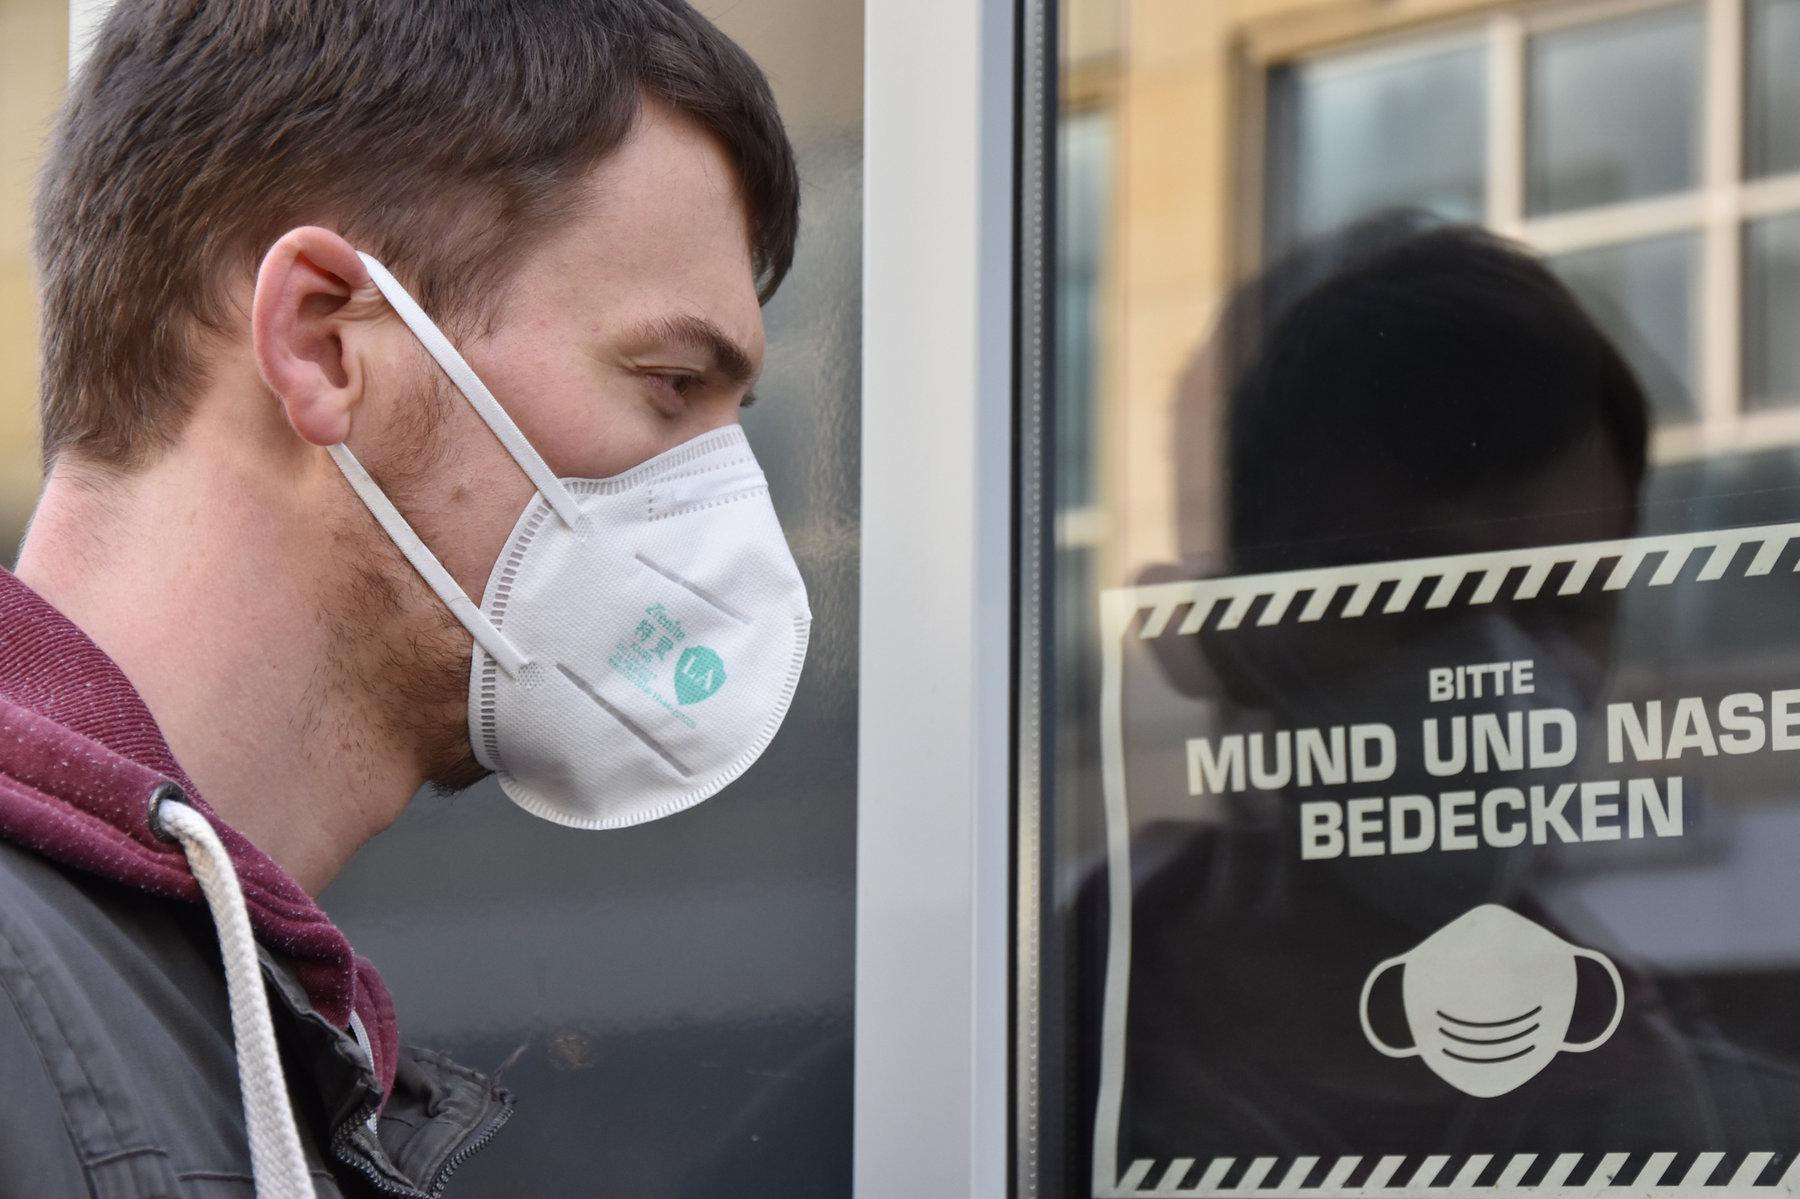 maskenpflicht-einkaufen-schaufenster